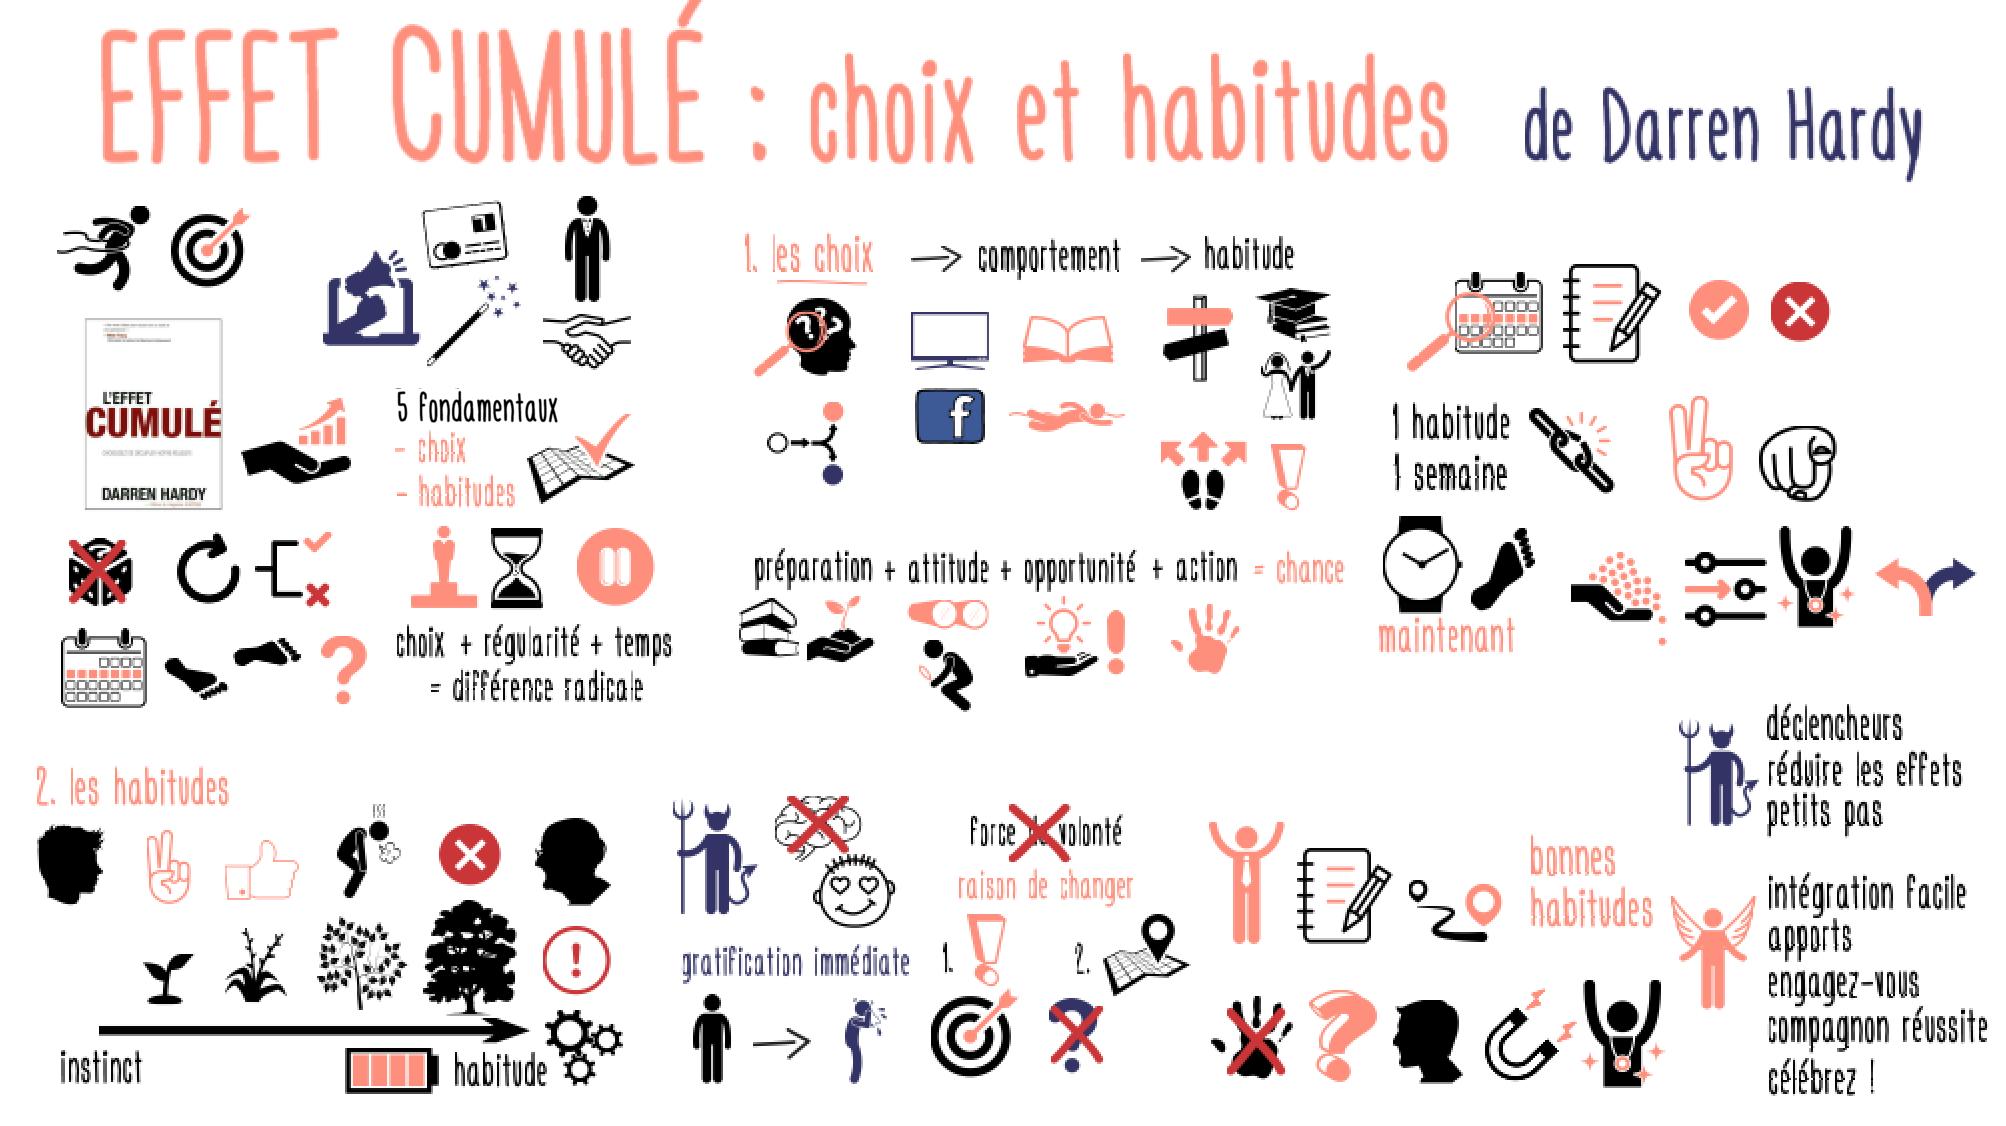 EffetCumule_choixHabitudes